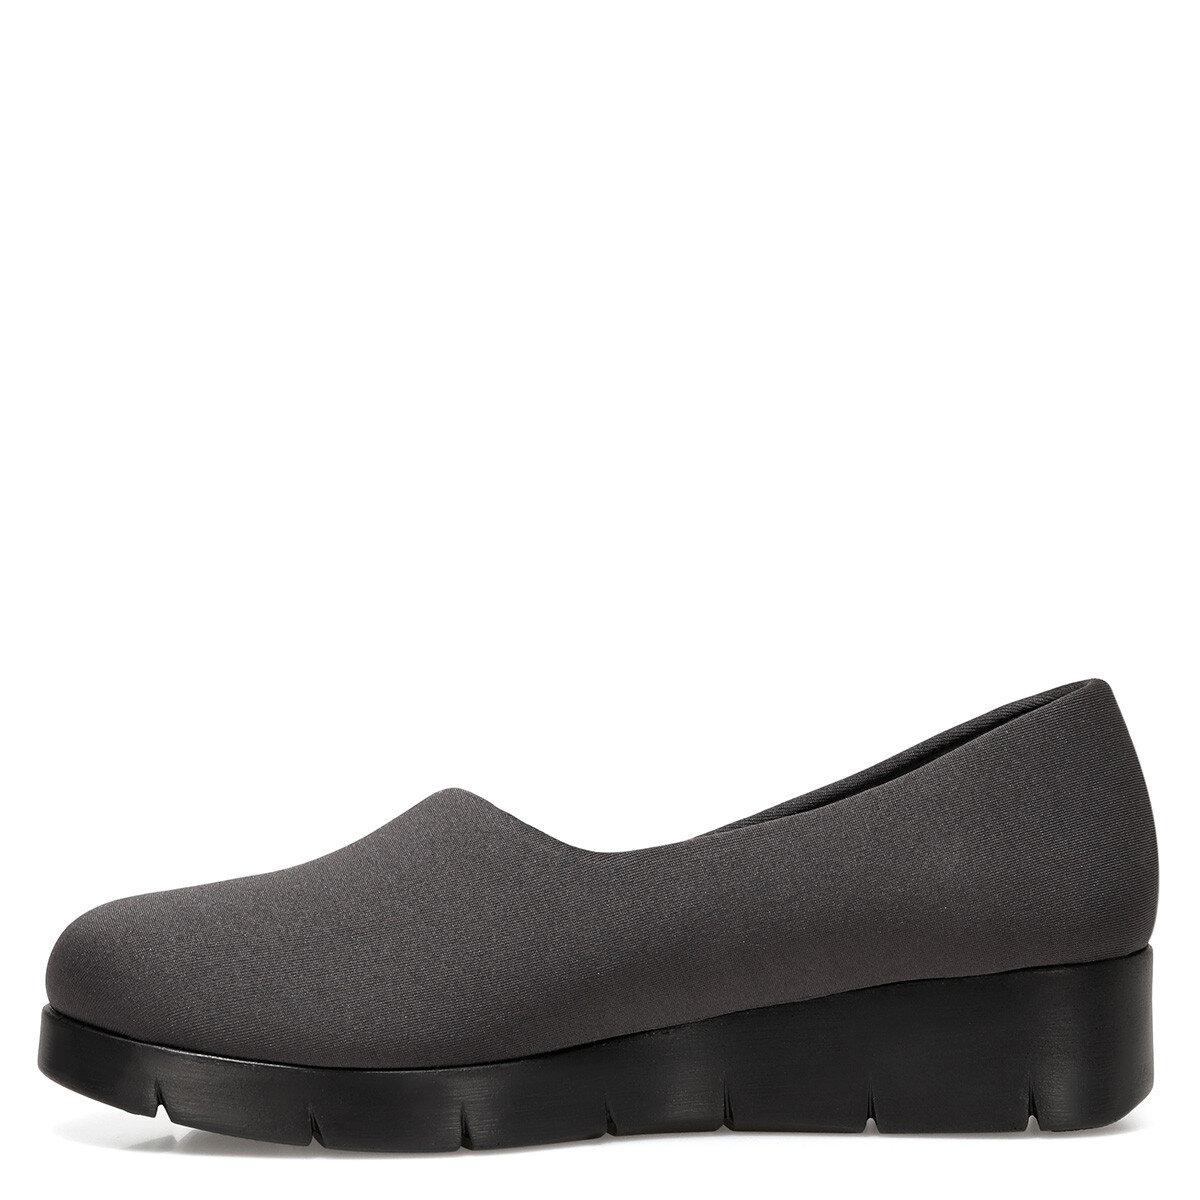 FALAW Koyu Gri Kadın Dolgu Topuk Ayakkabı